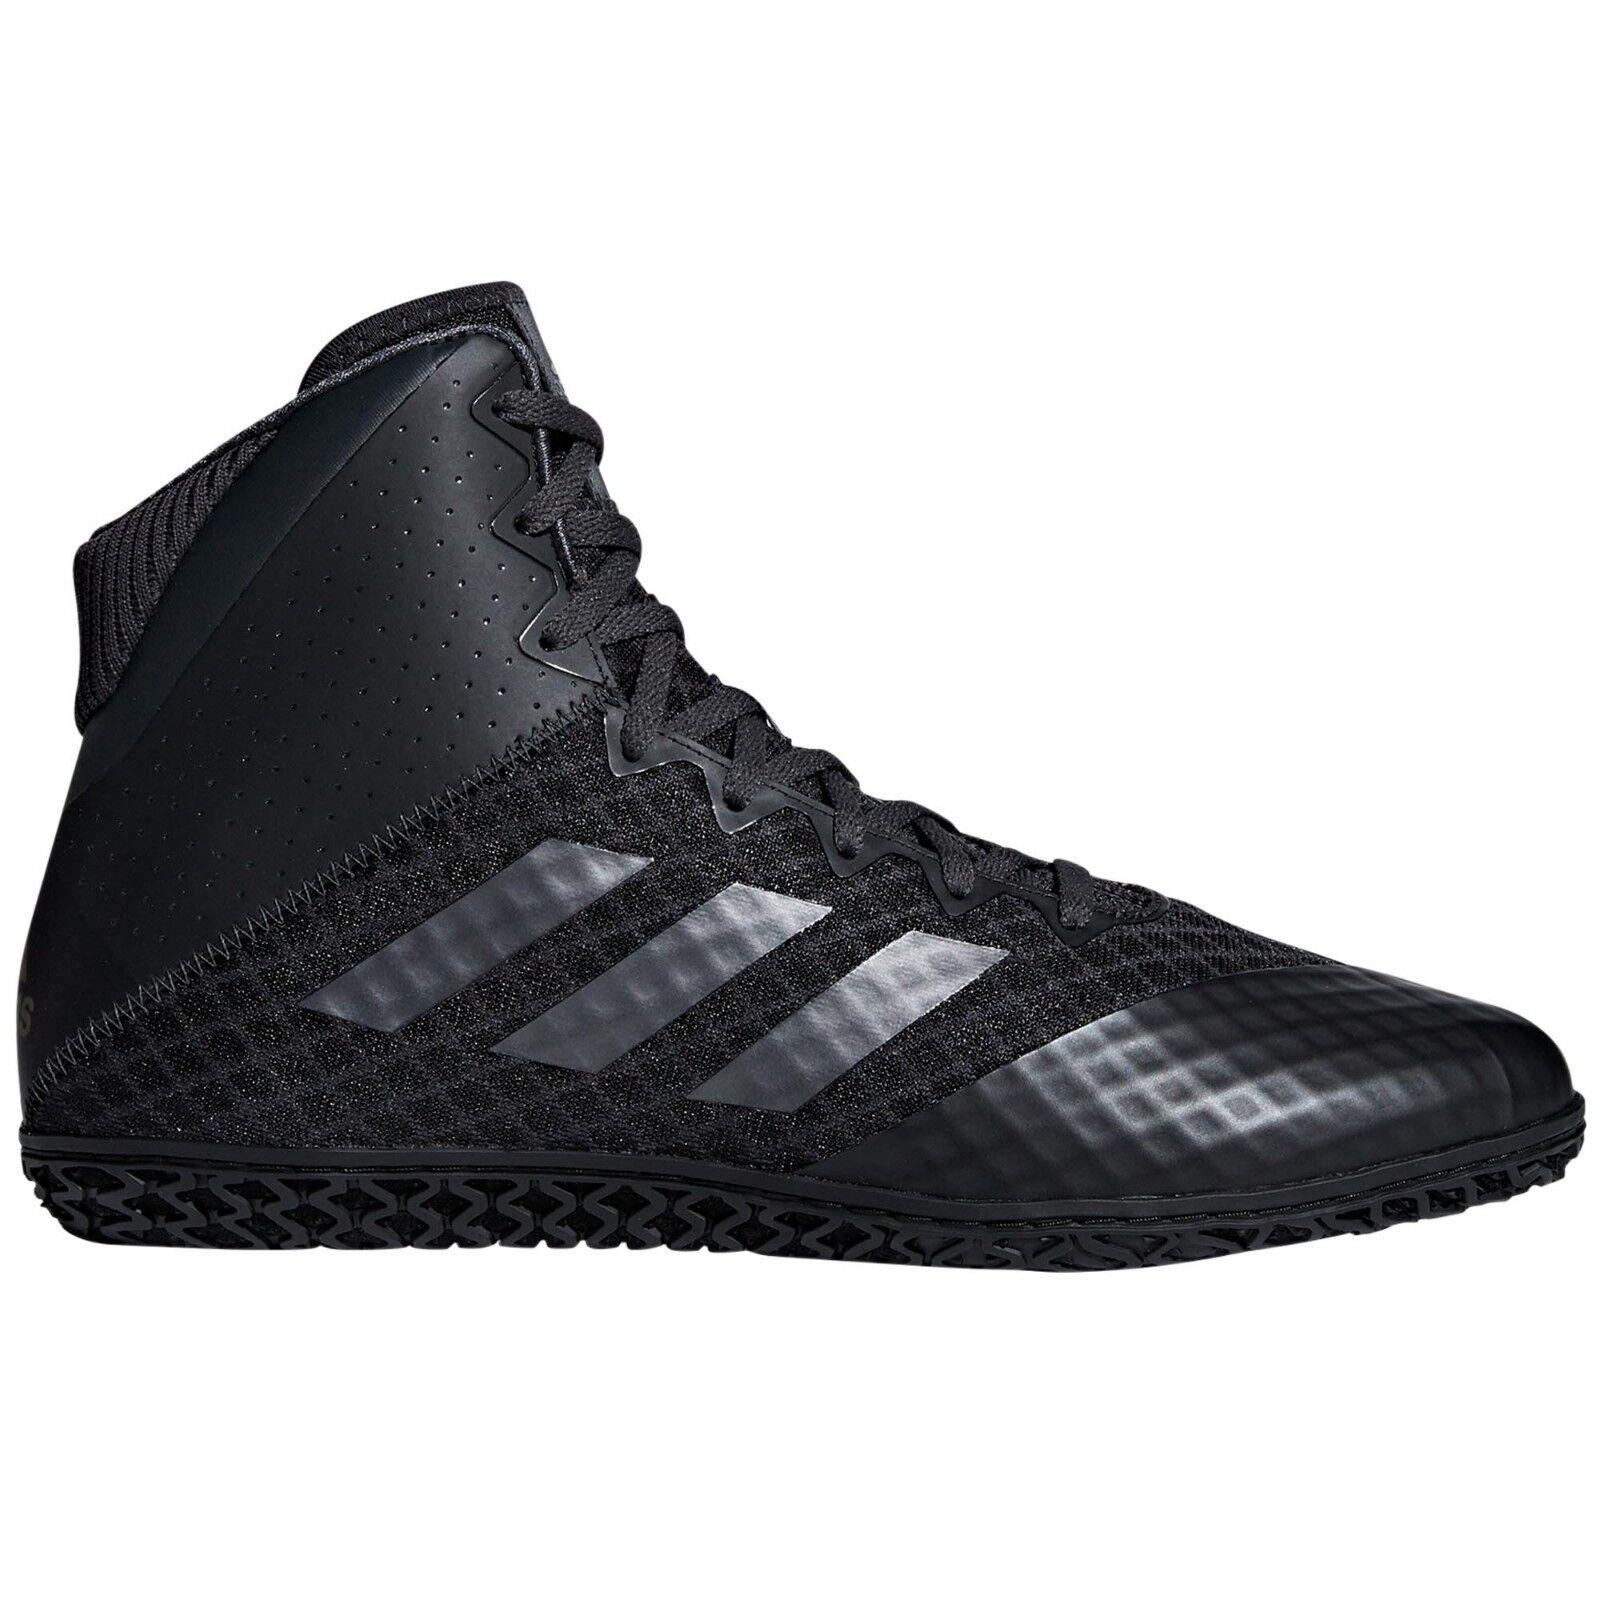 Adidas Mat Wizard IV Scarpe da lotta per uomini Boxe MMA Stivali da combattiment